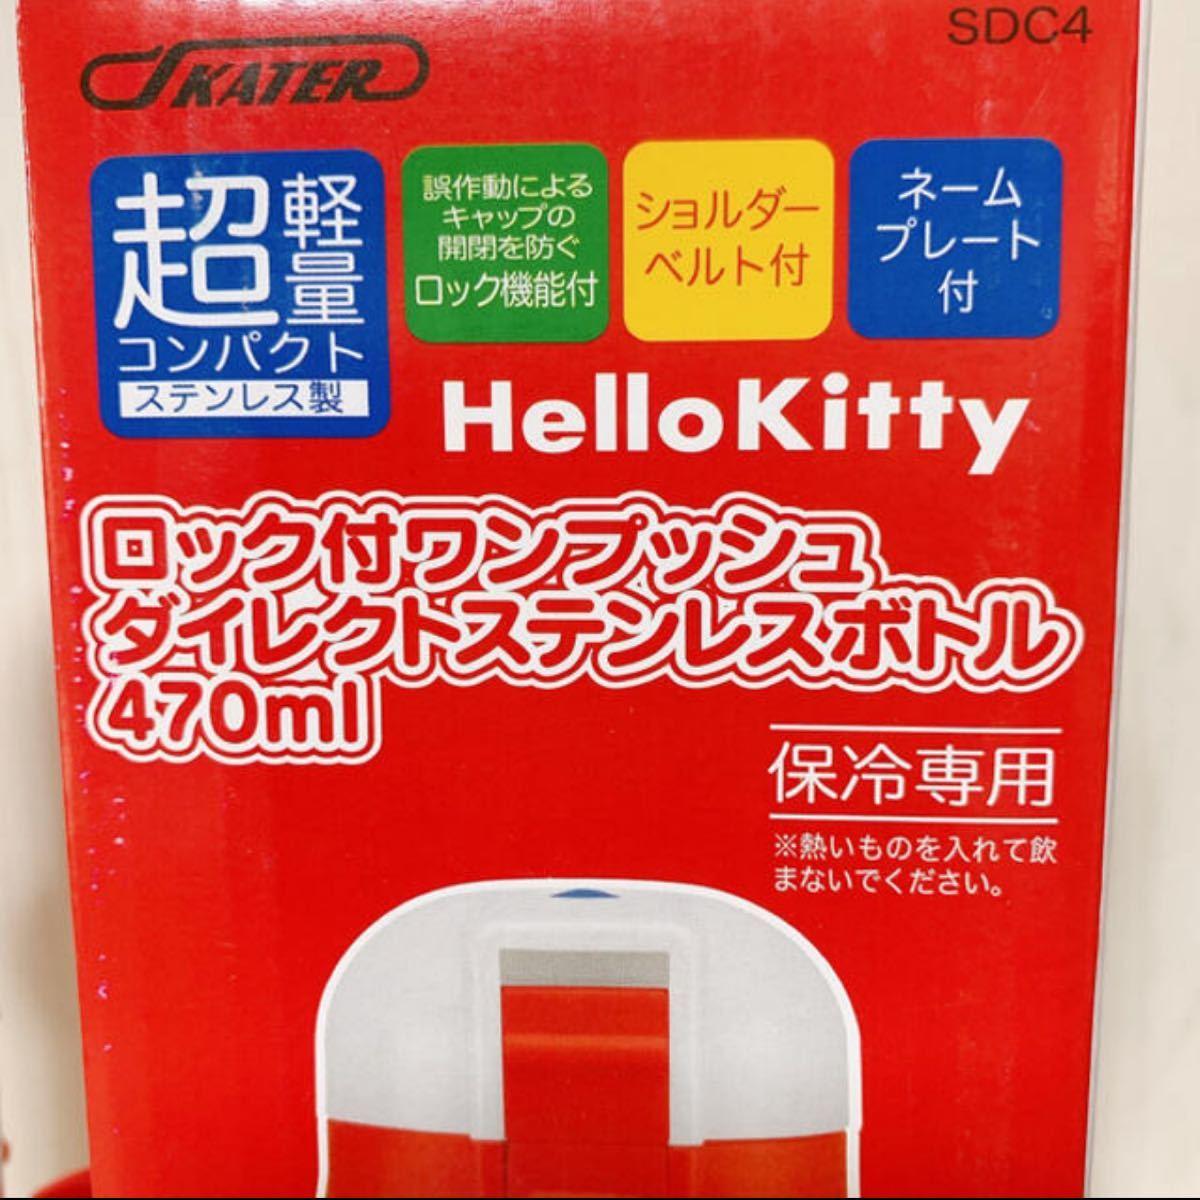 キティ フェイス柄☆超軽量 470ml  ダイレクトステンレスボトル